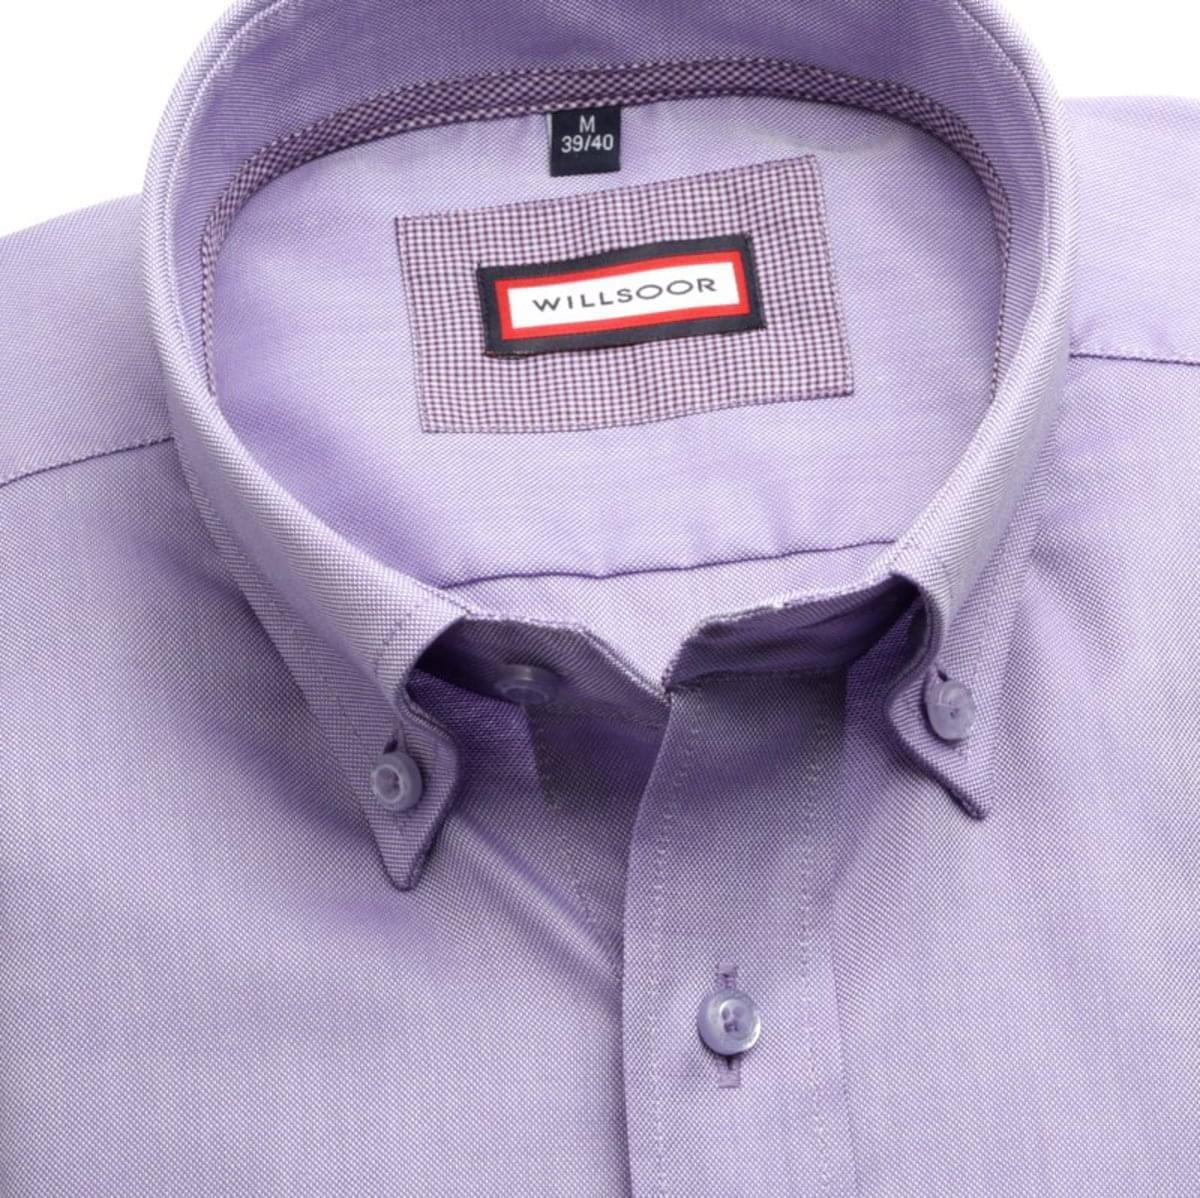 Pánská slim fit košile (výška 188-194) 7672 ve fialkové barvě s úpravou easy care 188-194 / L (41/42)